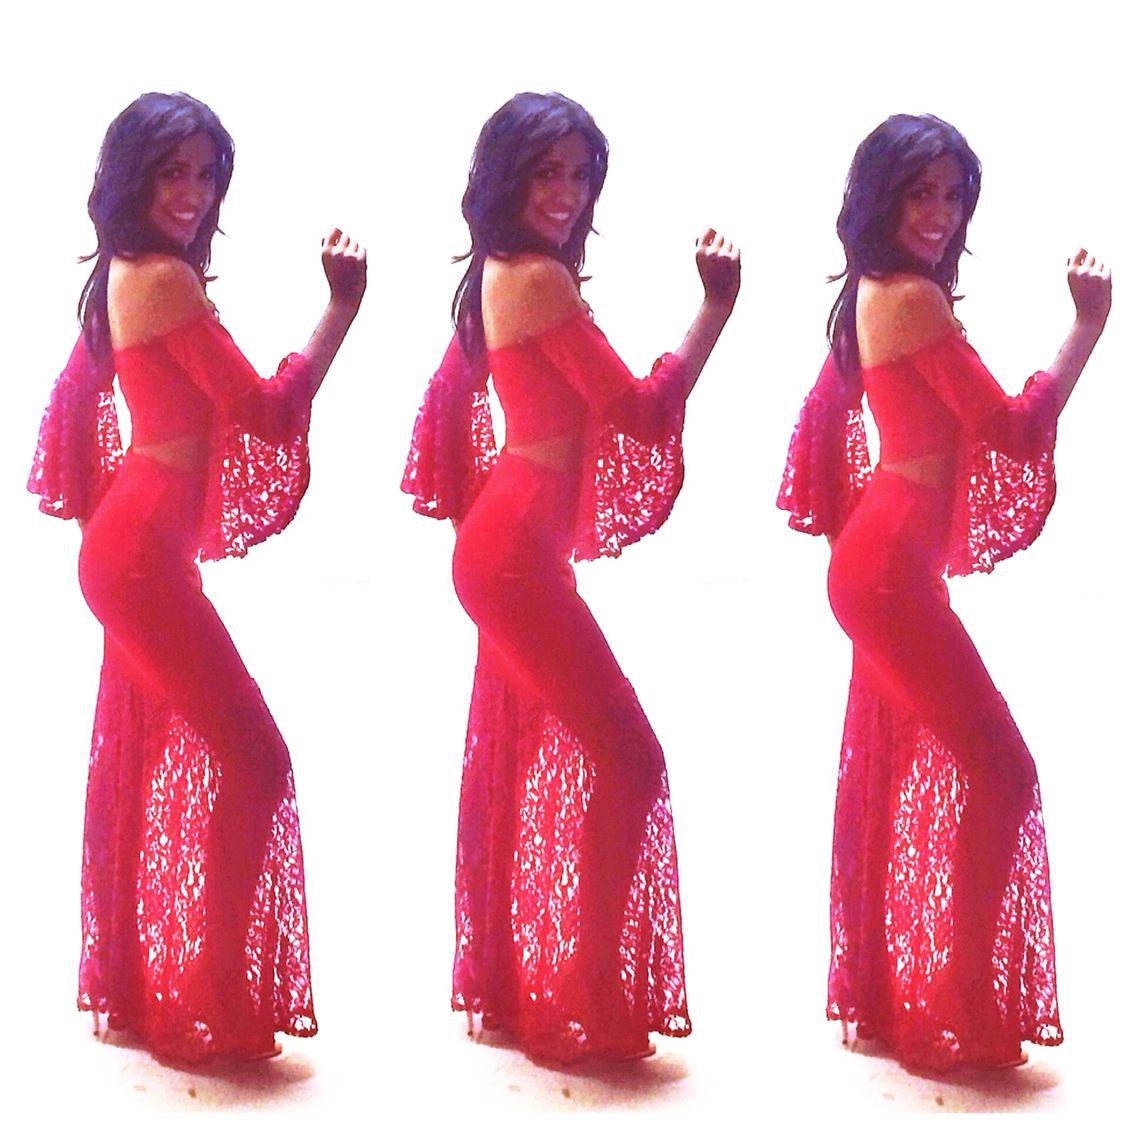 Behind The Scenes Salsa Dancer Emoji Model Dress Fashion Shoot Red Dress Dresses Model Dress